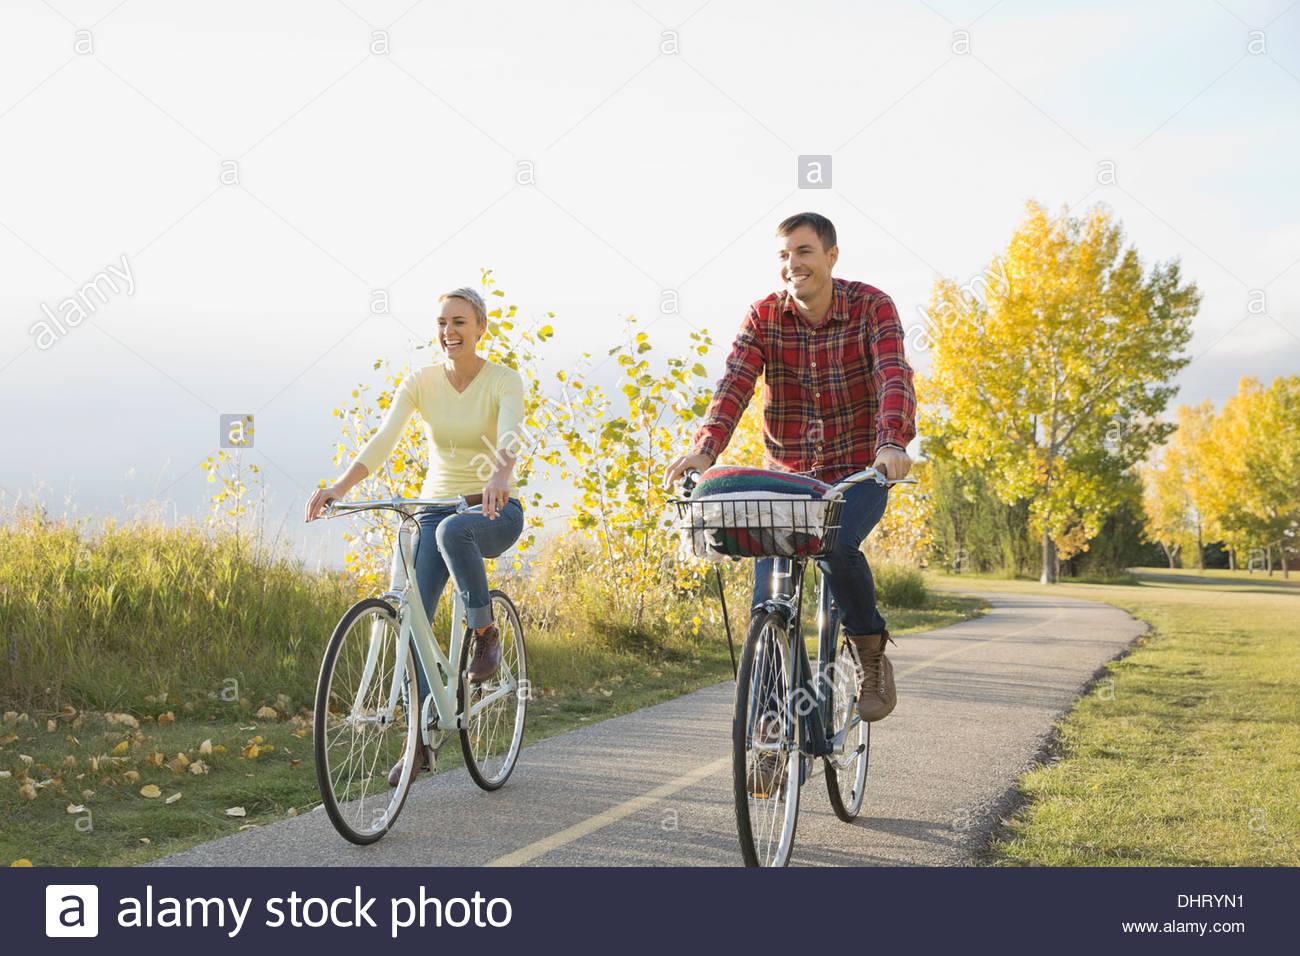 Coppia felice ciclismo su strada di campagna Immagini Stock